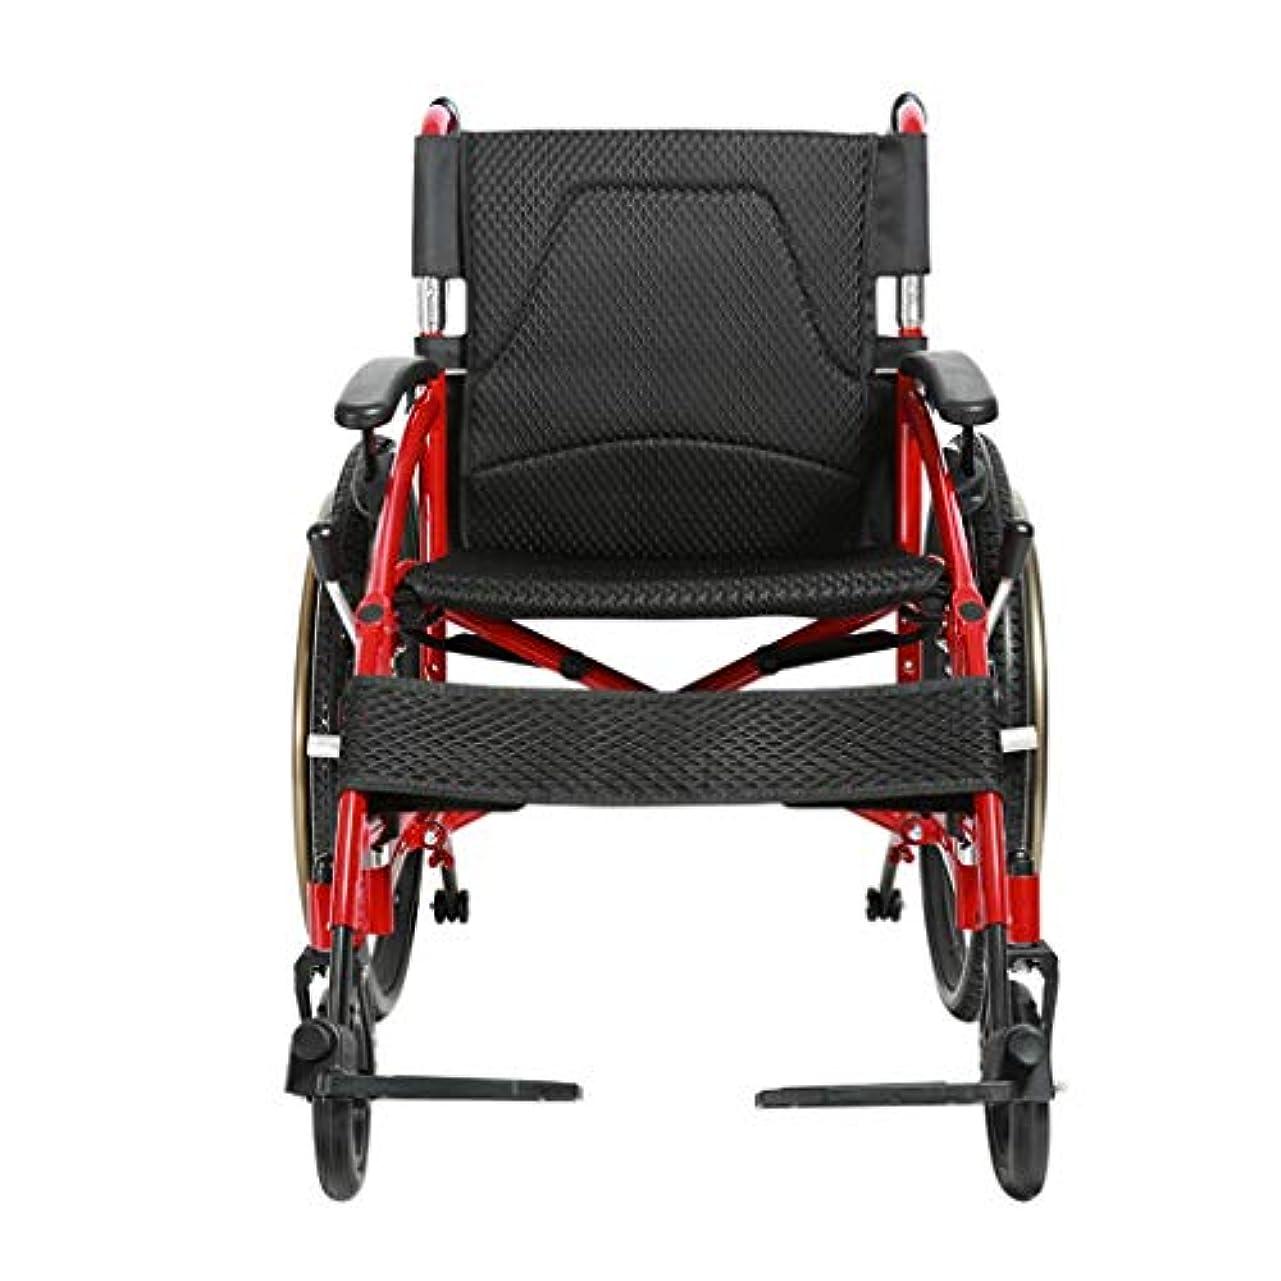 浸食スリム示す車椅子折りたたみ超軽量アルミニウム合金、高齢者向け車椅子、多目的トロリー